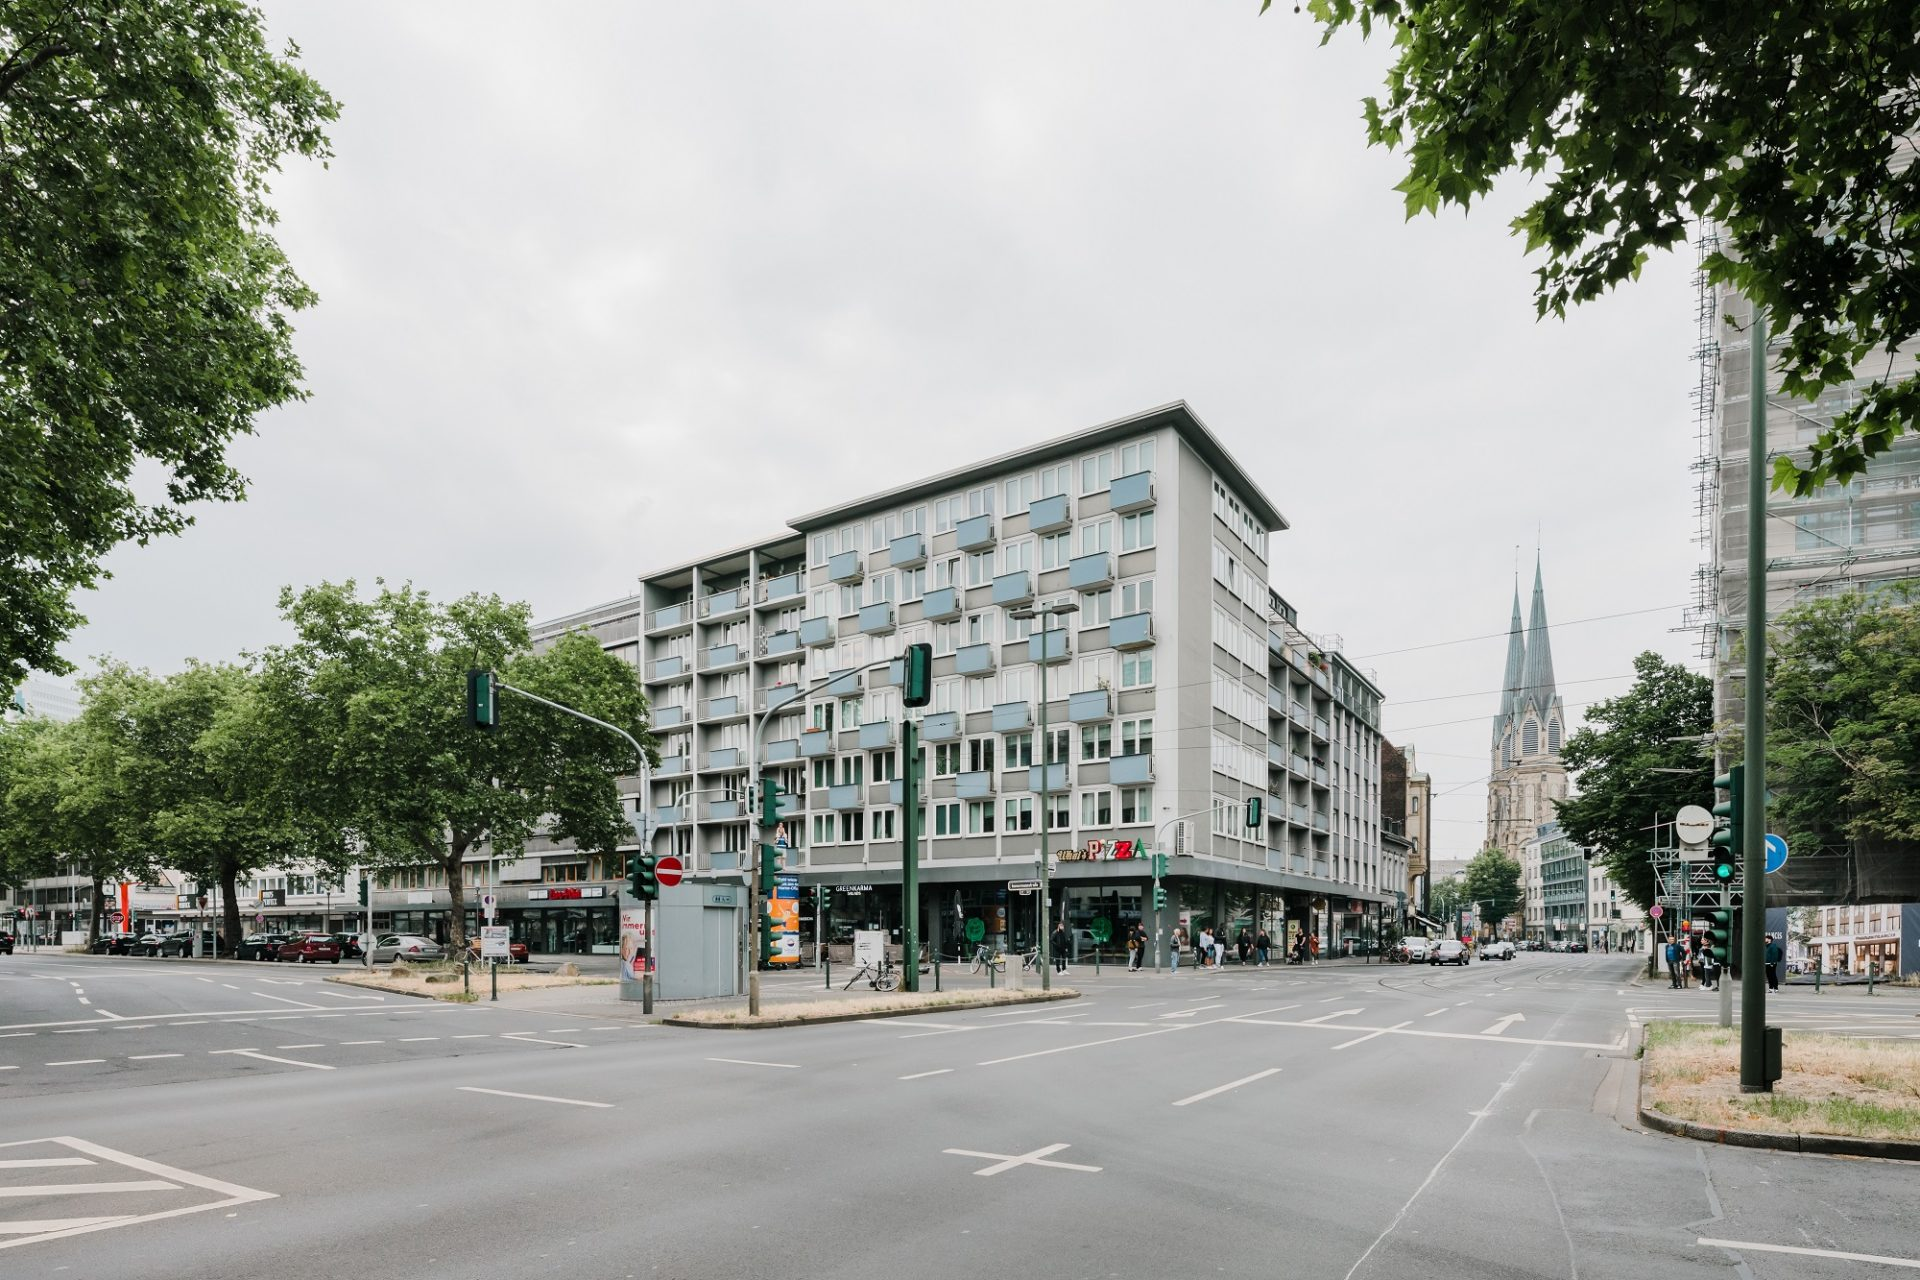 """Marie Kreibich hat die Fotos für die Ausstellung über die besonderen Gebäude aus den 50er-Jahren gemacht. Dieses Bild heißt """"Stadthaus in der Immermannstraße I""""."""